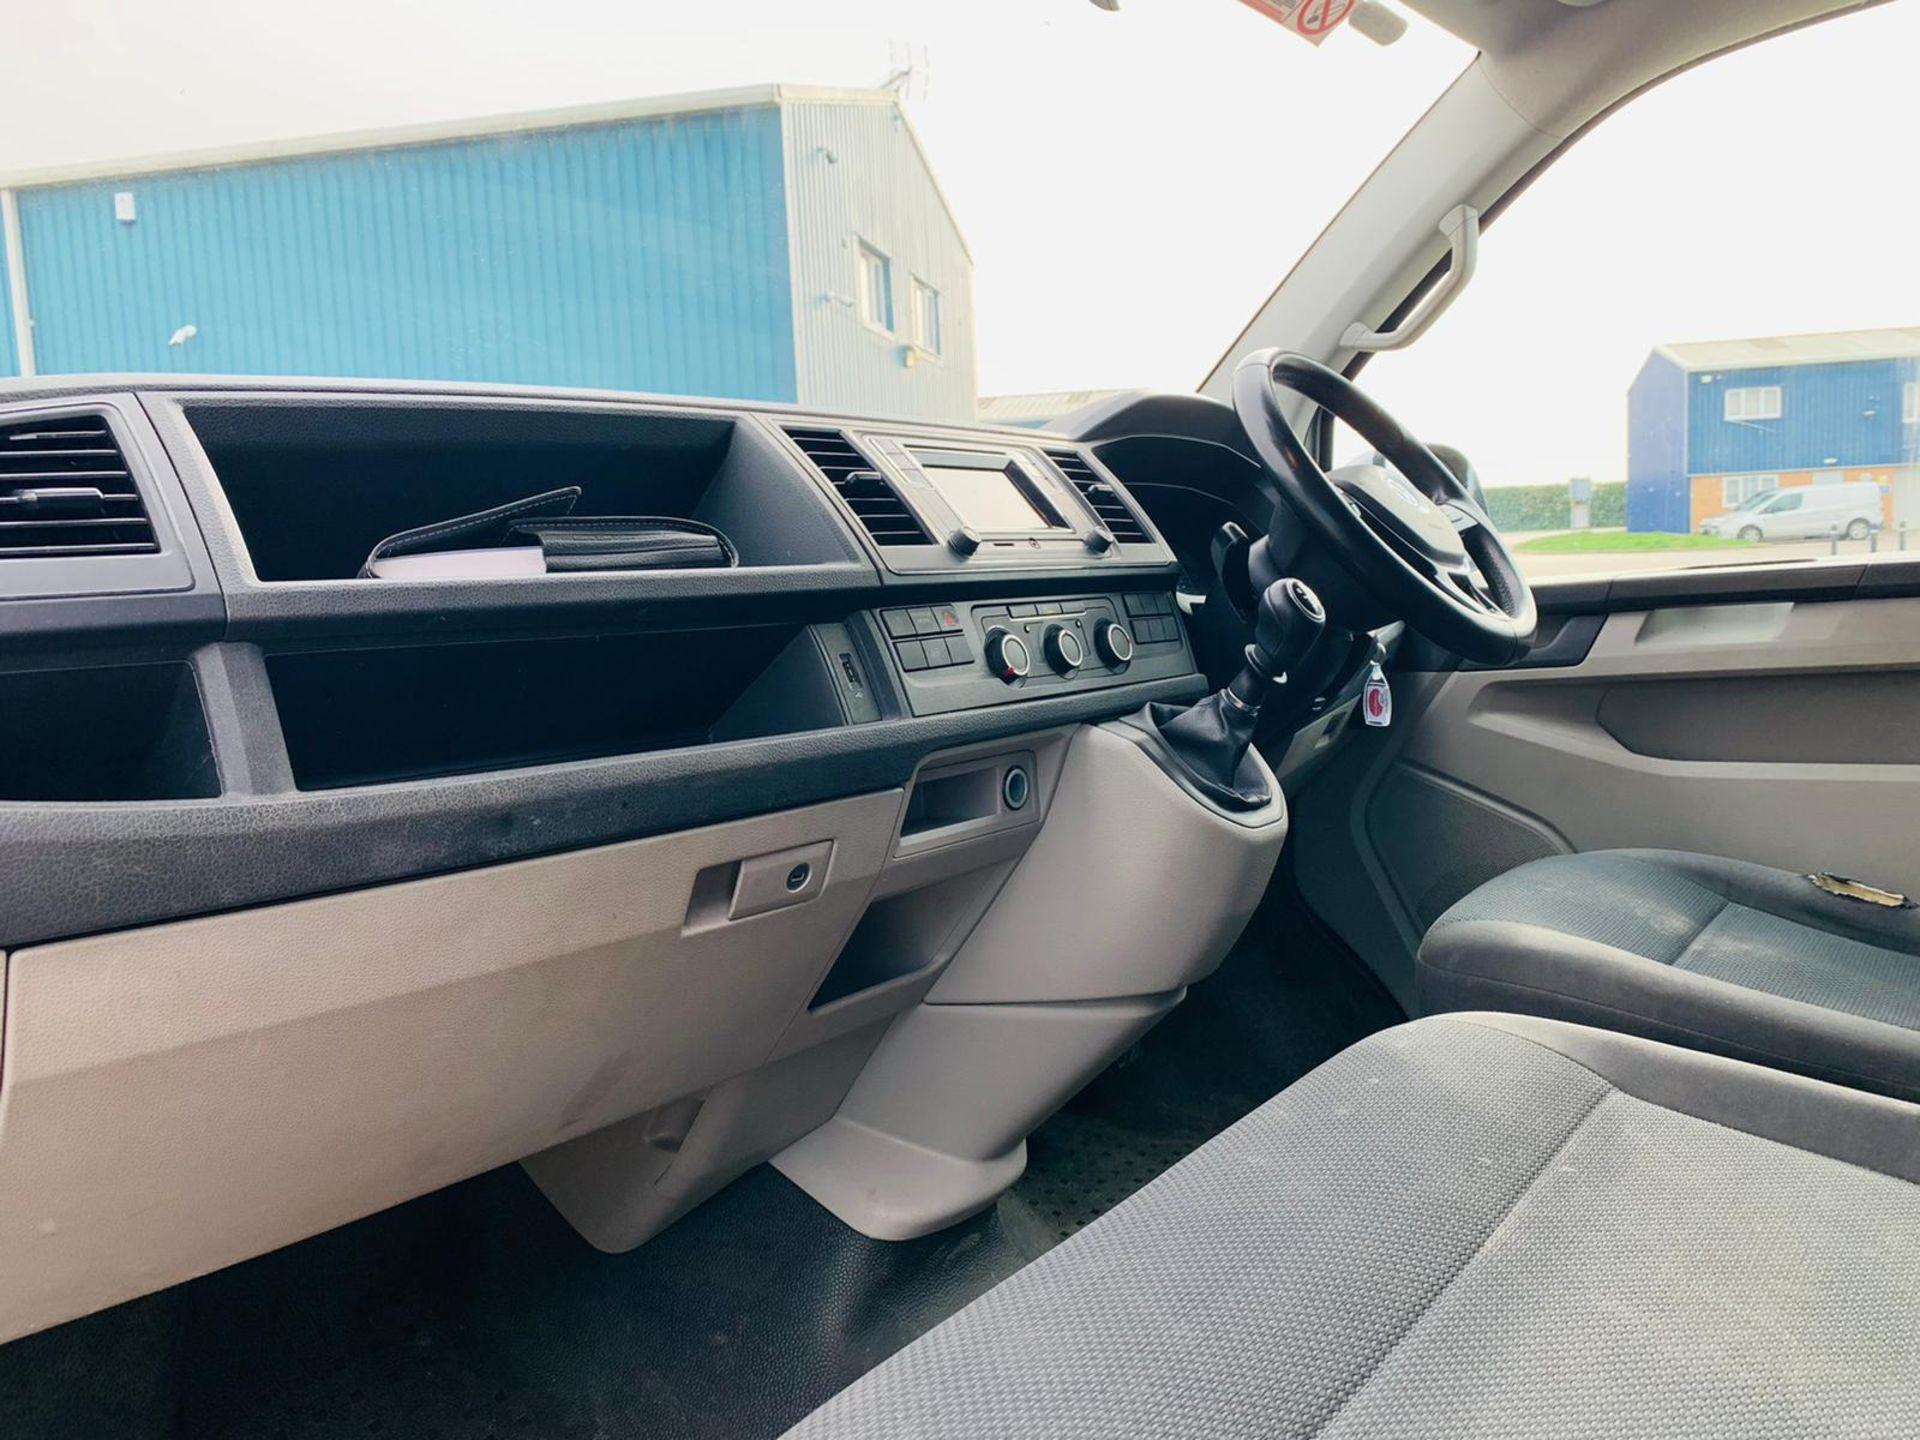 (RESERVE MET) Volkswagen (VW) Transporter 2.0 TDI 150 Highline T28 2018 18 Reg - Parking Sensors - - Image 11 of 23